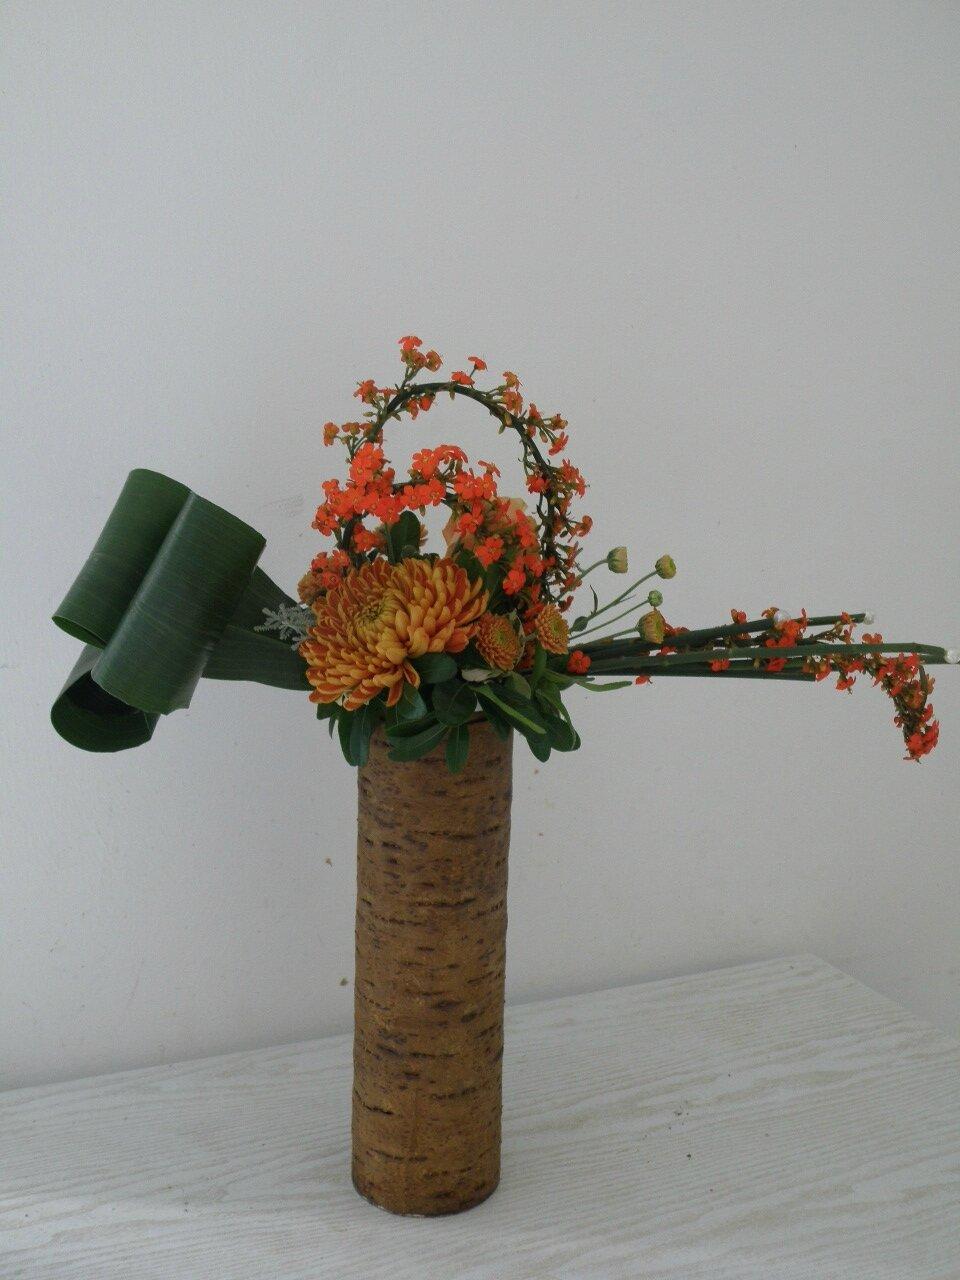 je reprends les publications des cours de décoration florale